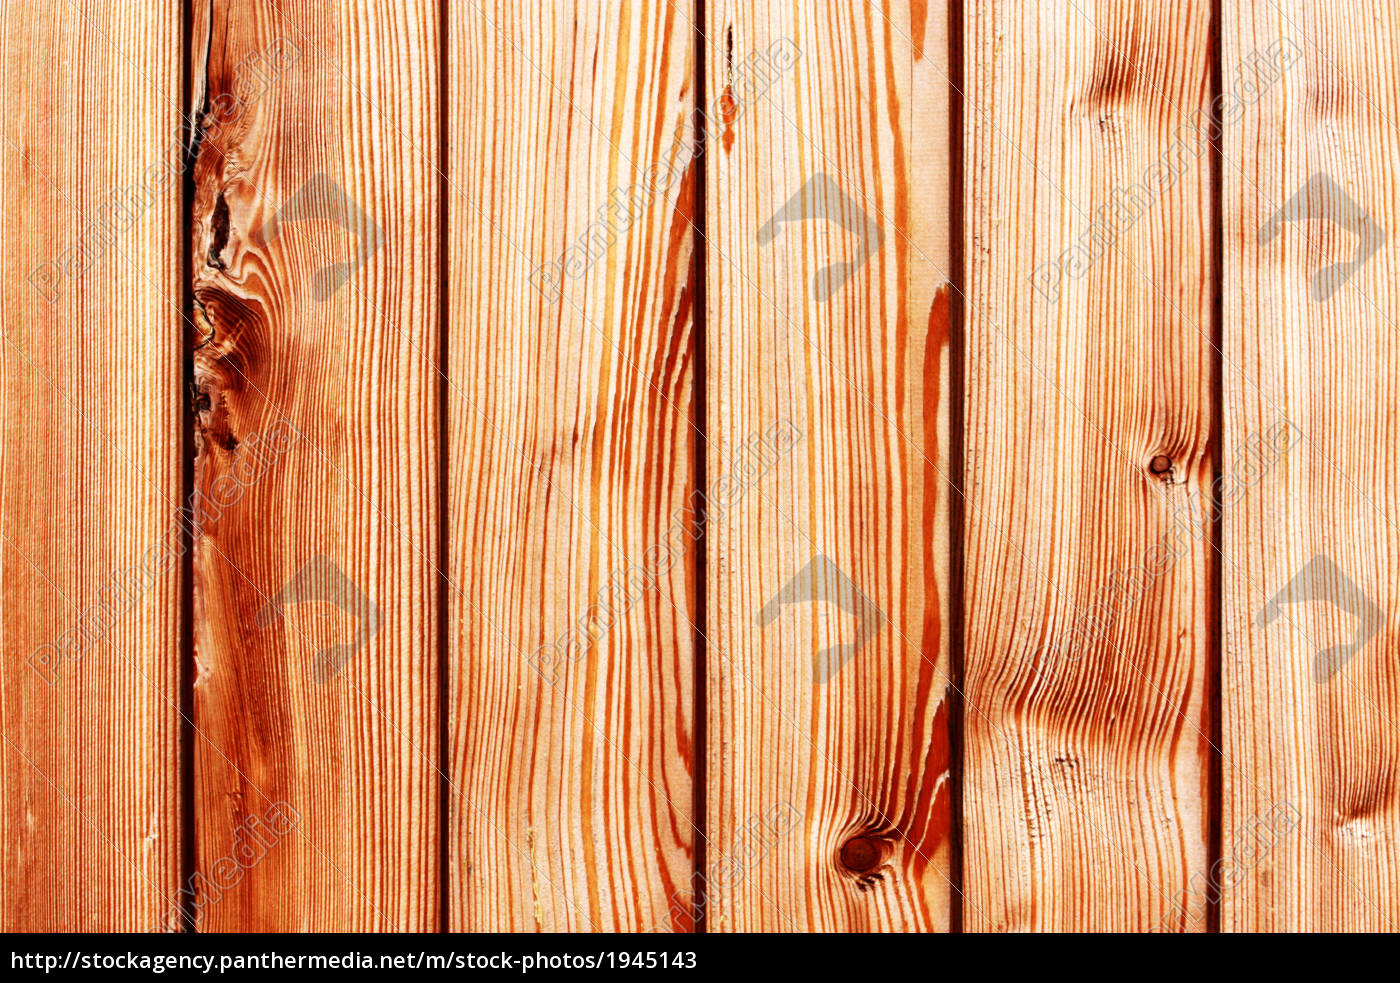 Holz Hintergrund Aus Brettern Der Eiche Stockfoto 1945143